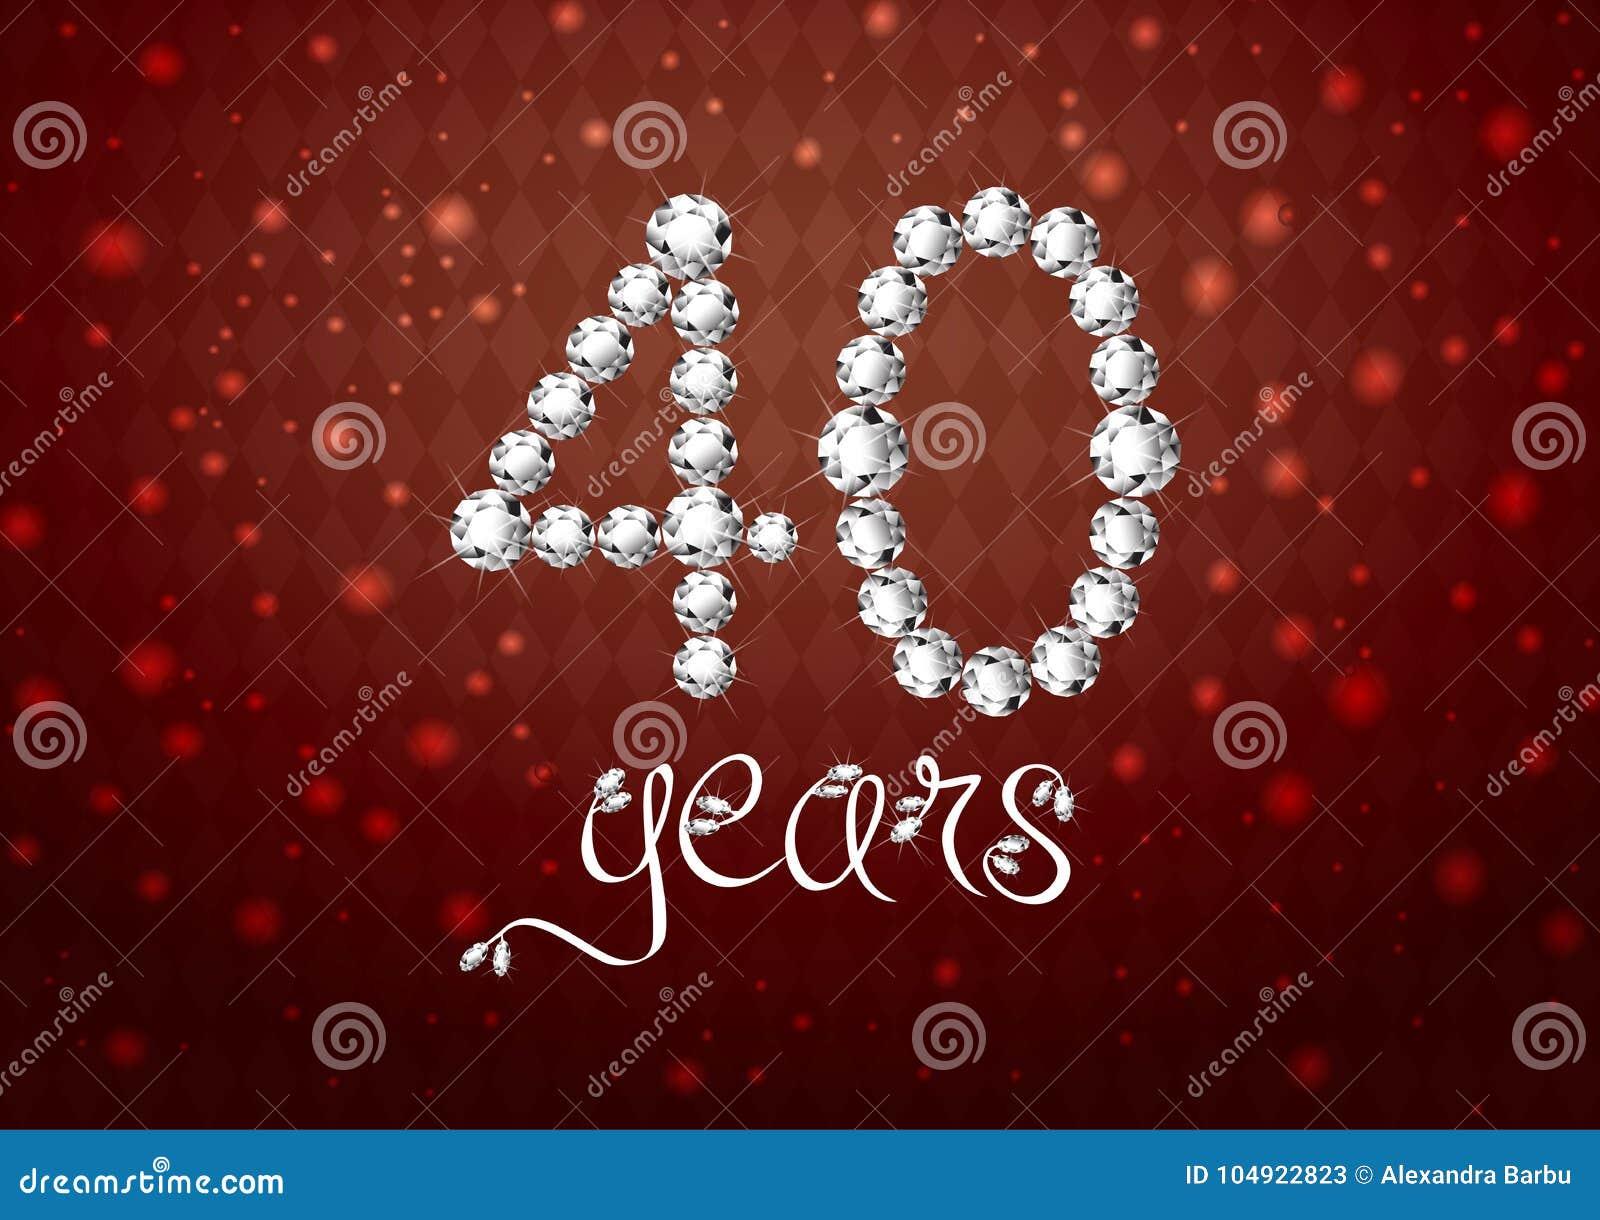 Van de de verjaardags rode kaart van de de 40ste jaren het gelukkige verjaardag aantal van de uitnodigings witte diamanten